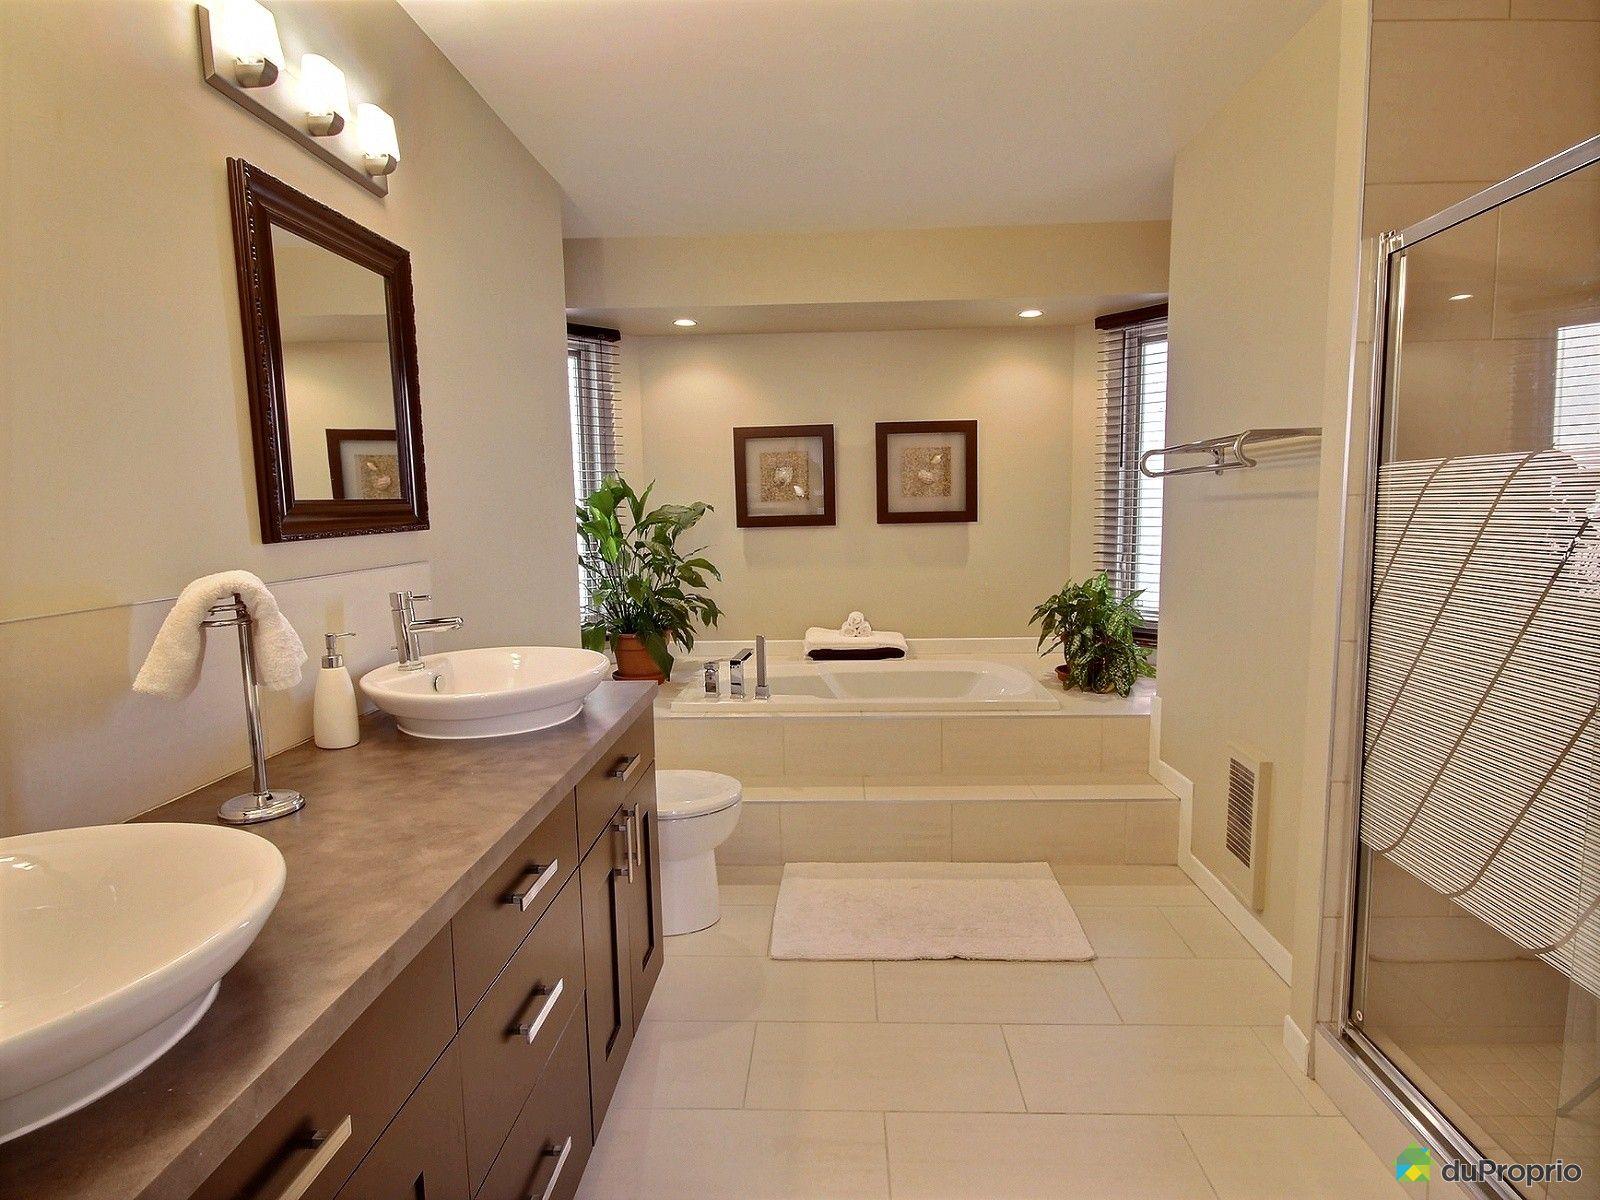 maison vendre vimont 2154 rue de calmar immobilier qu bec duproprio 685891. Black Bedroom Furniture Sets. Home Design Ideas